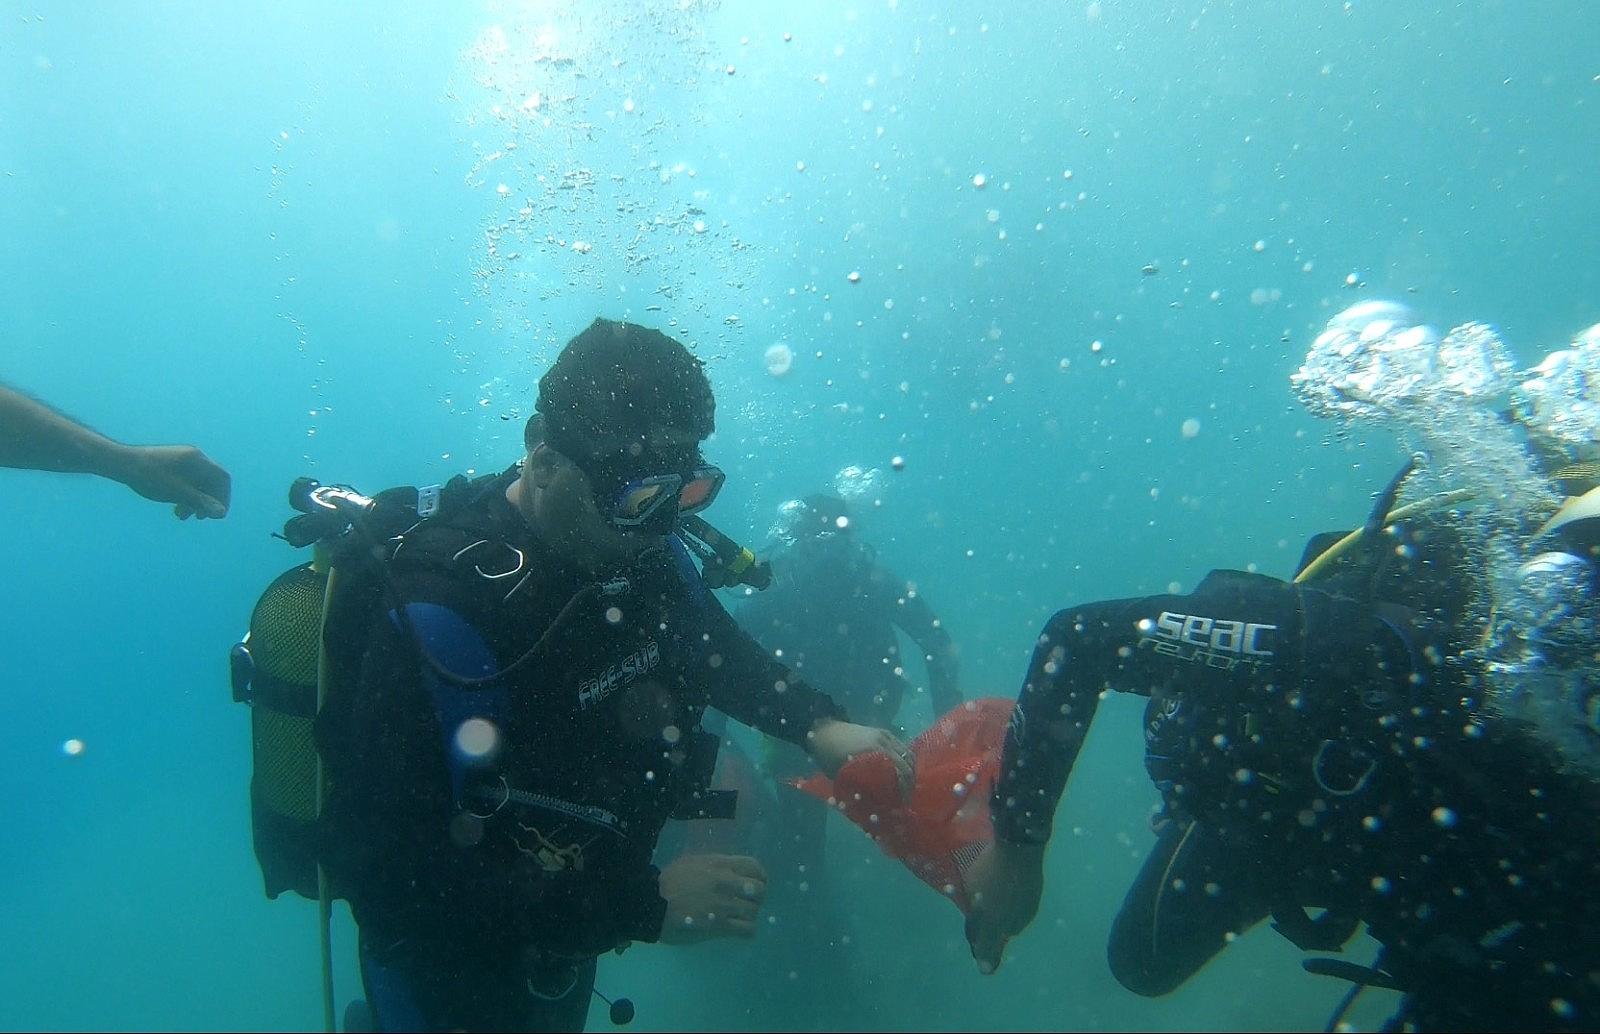 2021/06/fethiye-oludeniz-lagununde-deniz-temizligi-20210610AW34-1.jpg